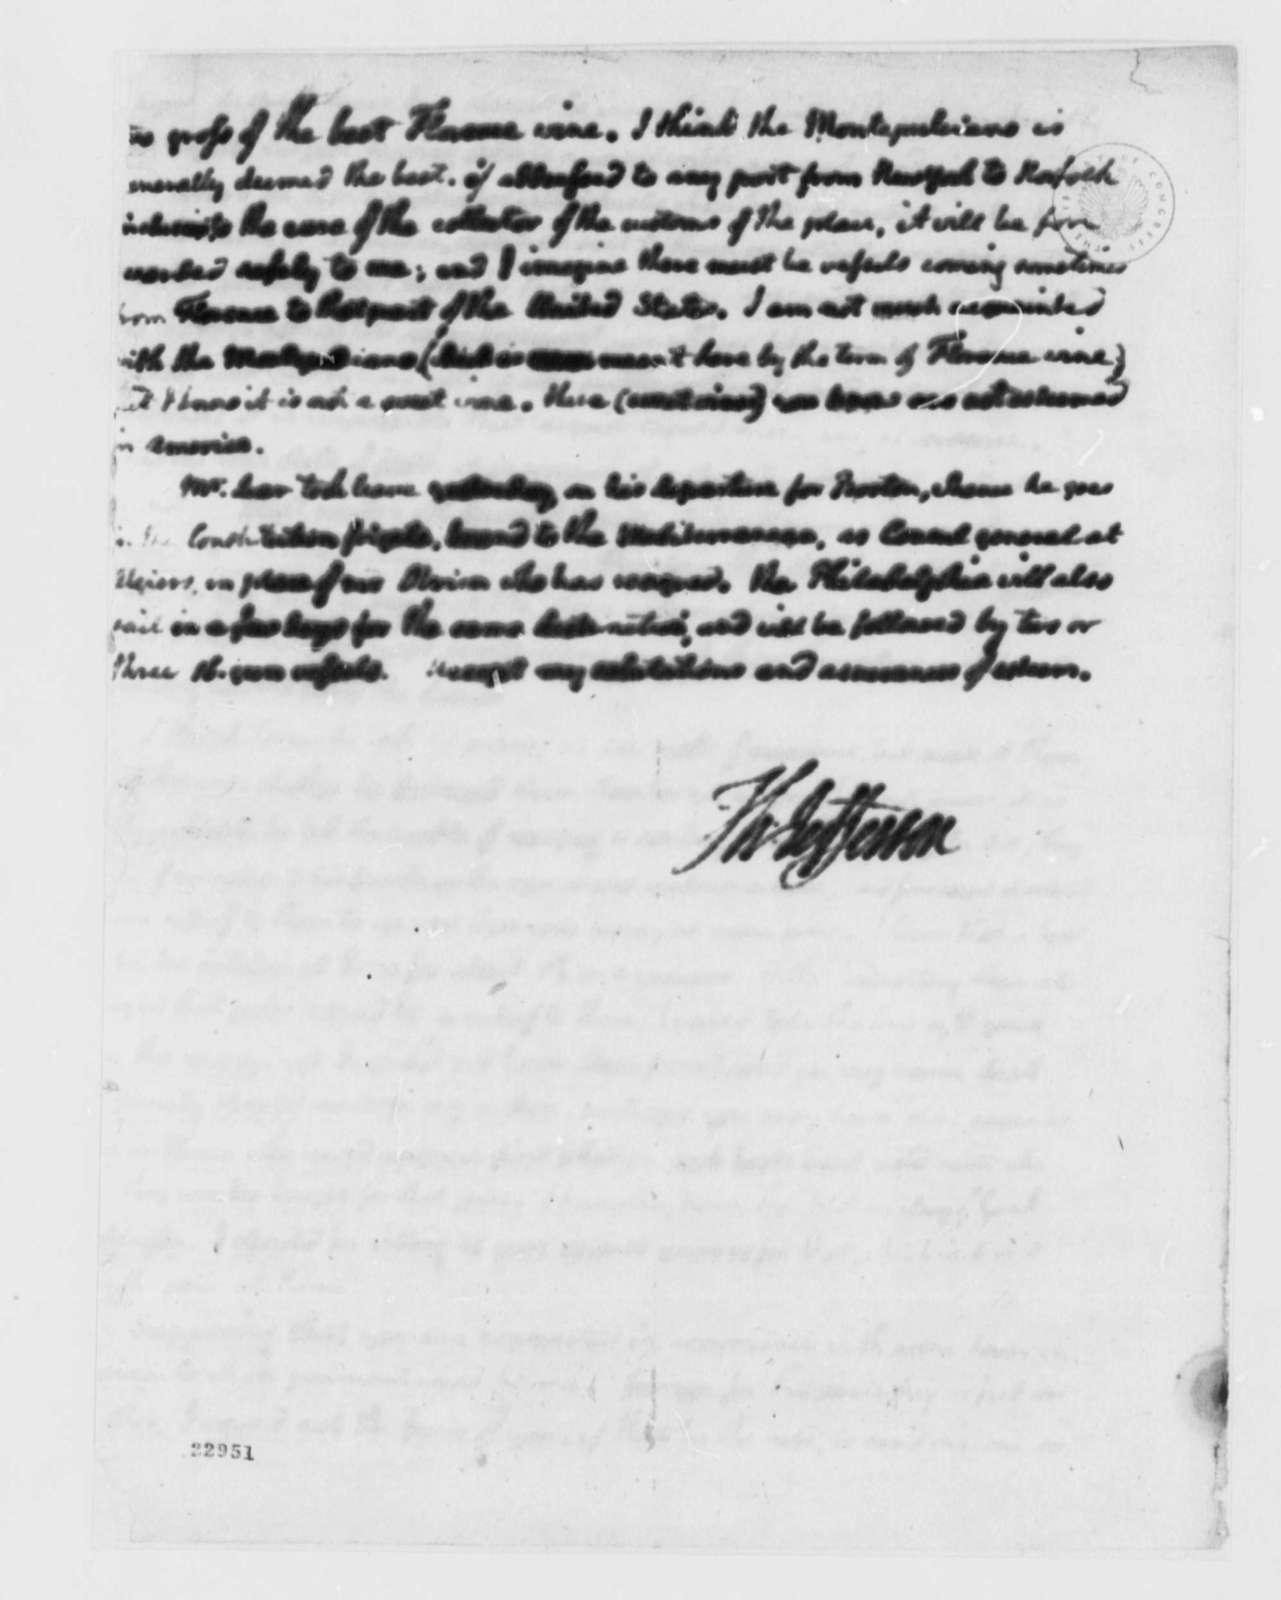 Thomas Jefferson to Thomas Appleton, July 5, 1803